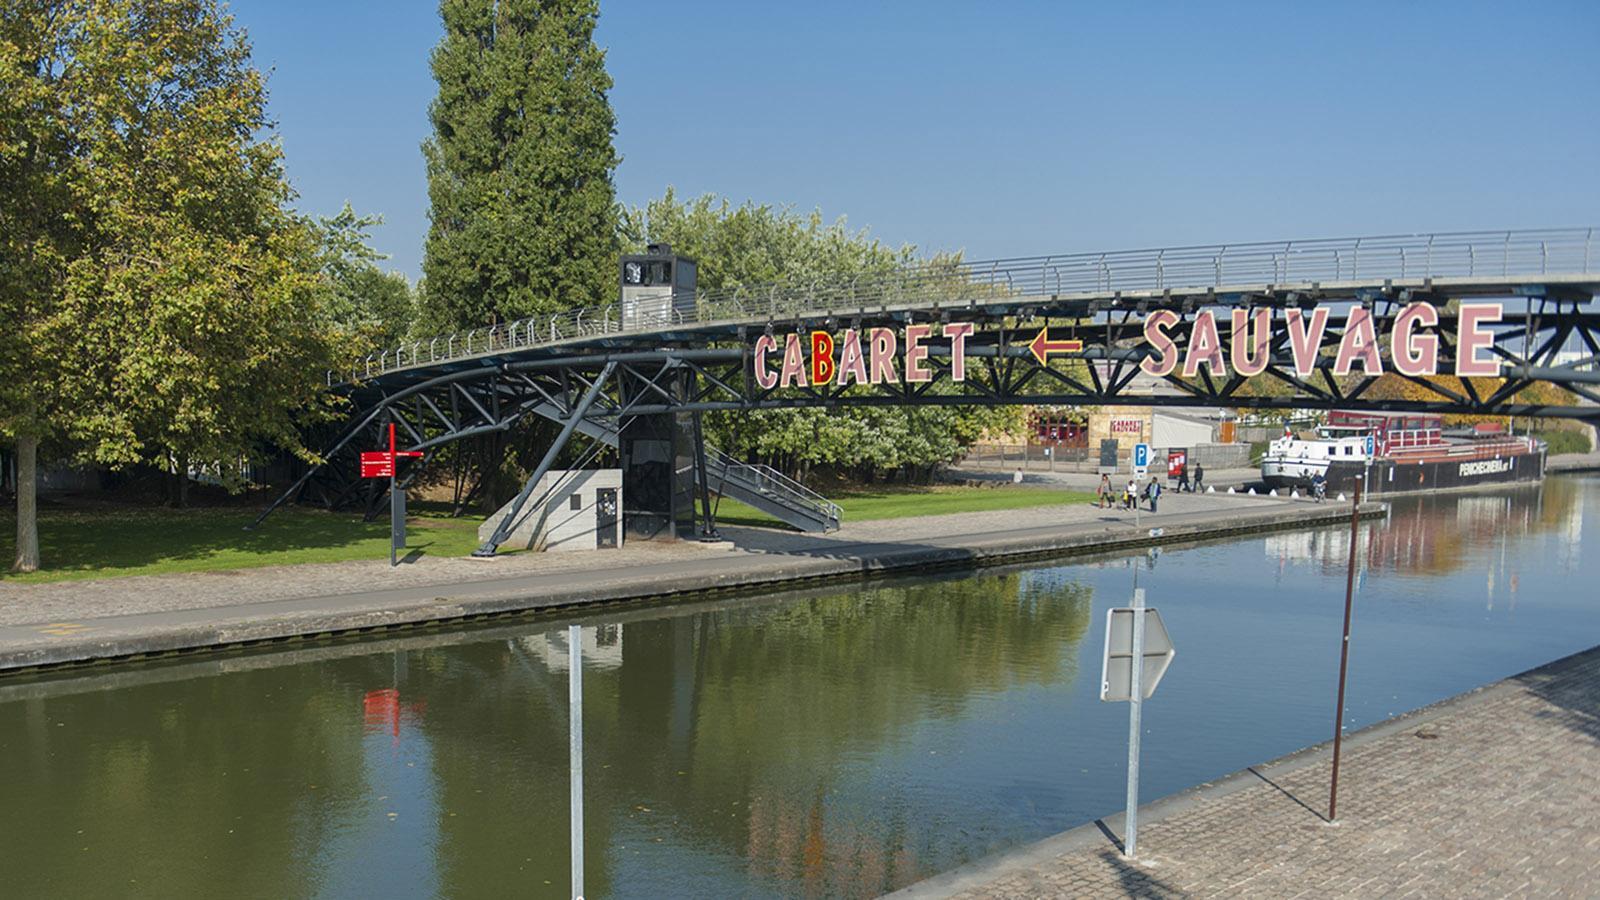 La Villette erstreckt sich zu beiden Seiten des Kanals. Brücken verbinden die beiden Bereiche. Foto: Hilke Maunder